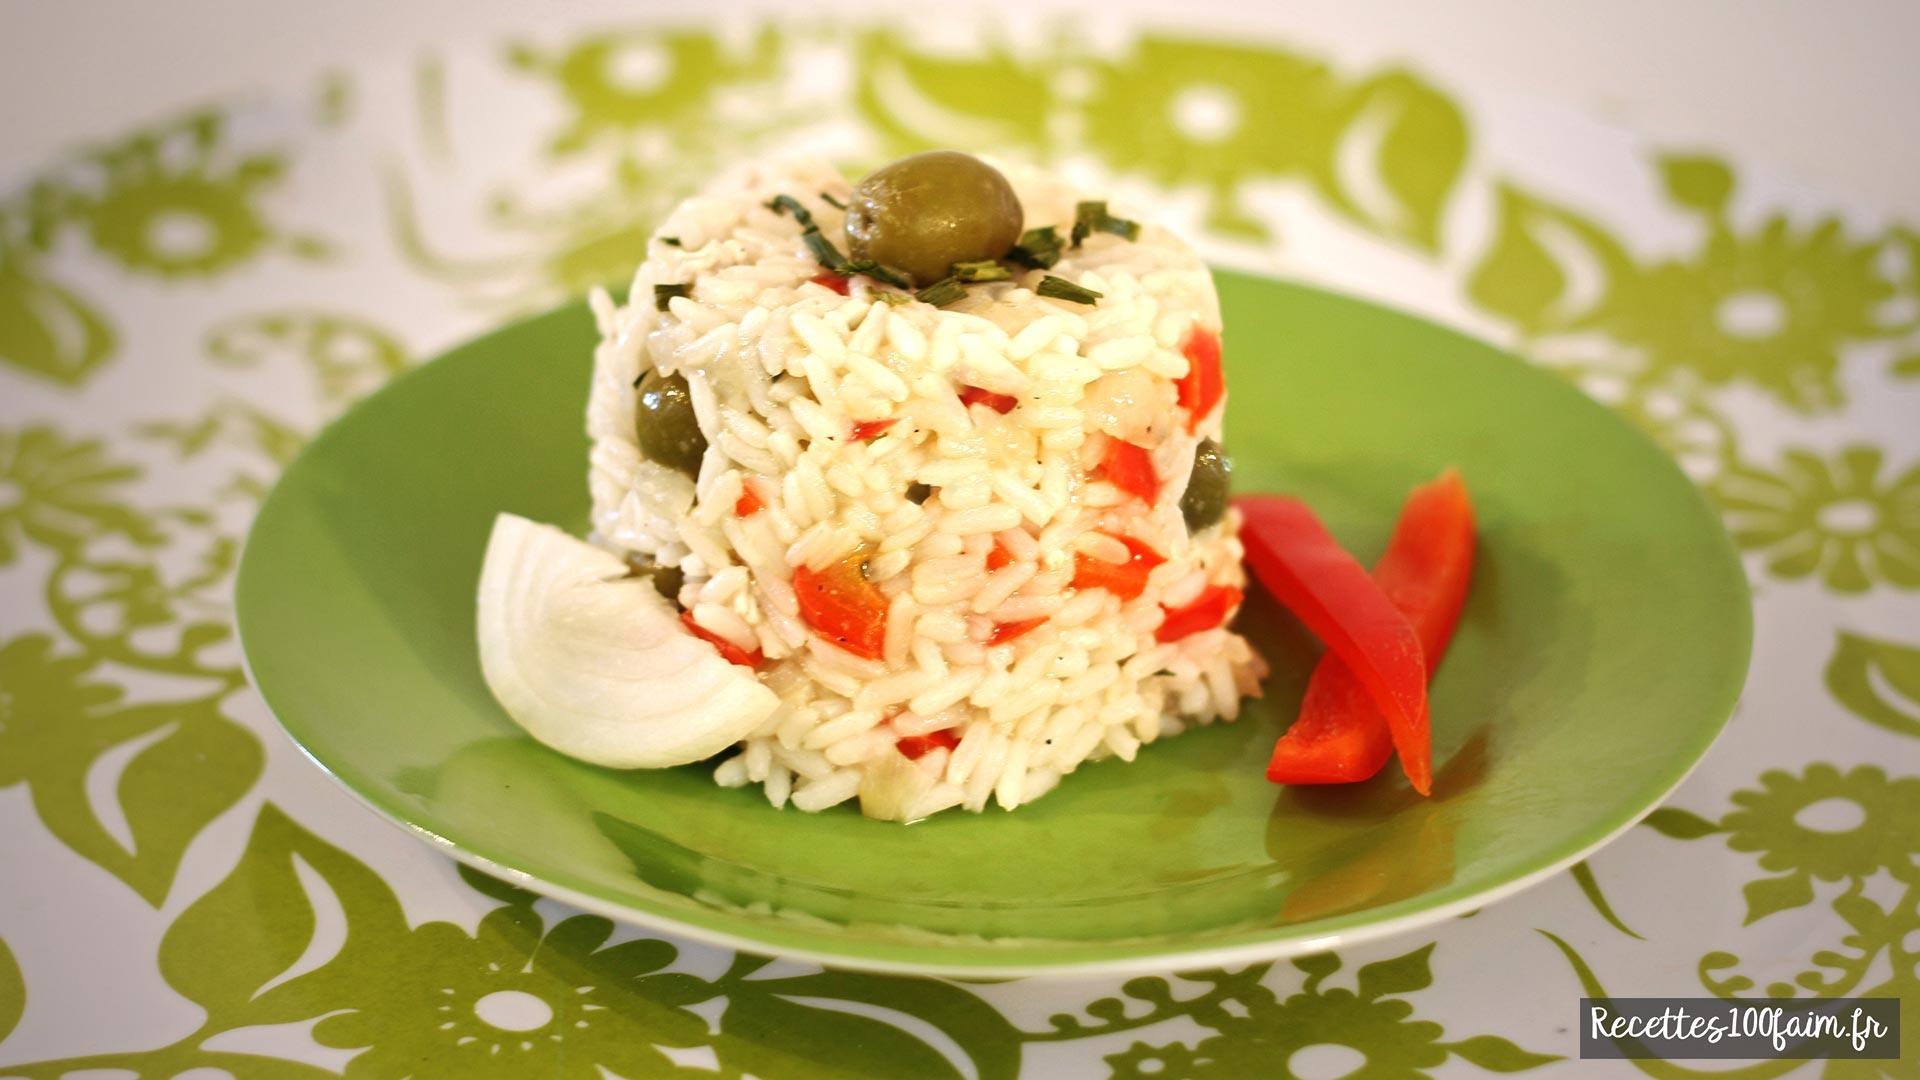 Recette de riz Pilaf au poulet et aux légumes